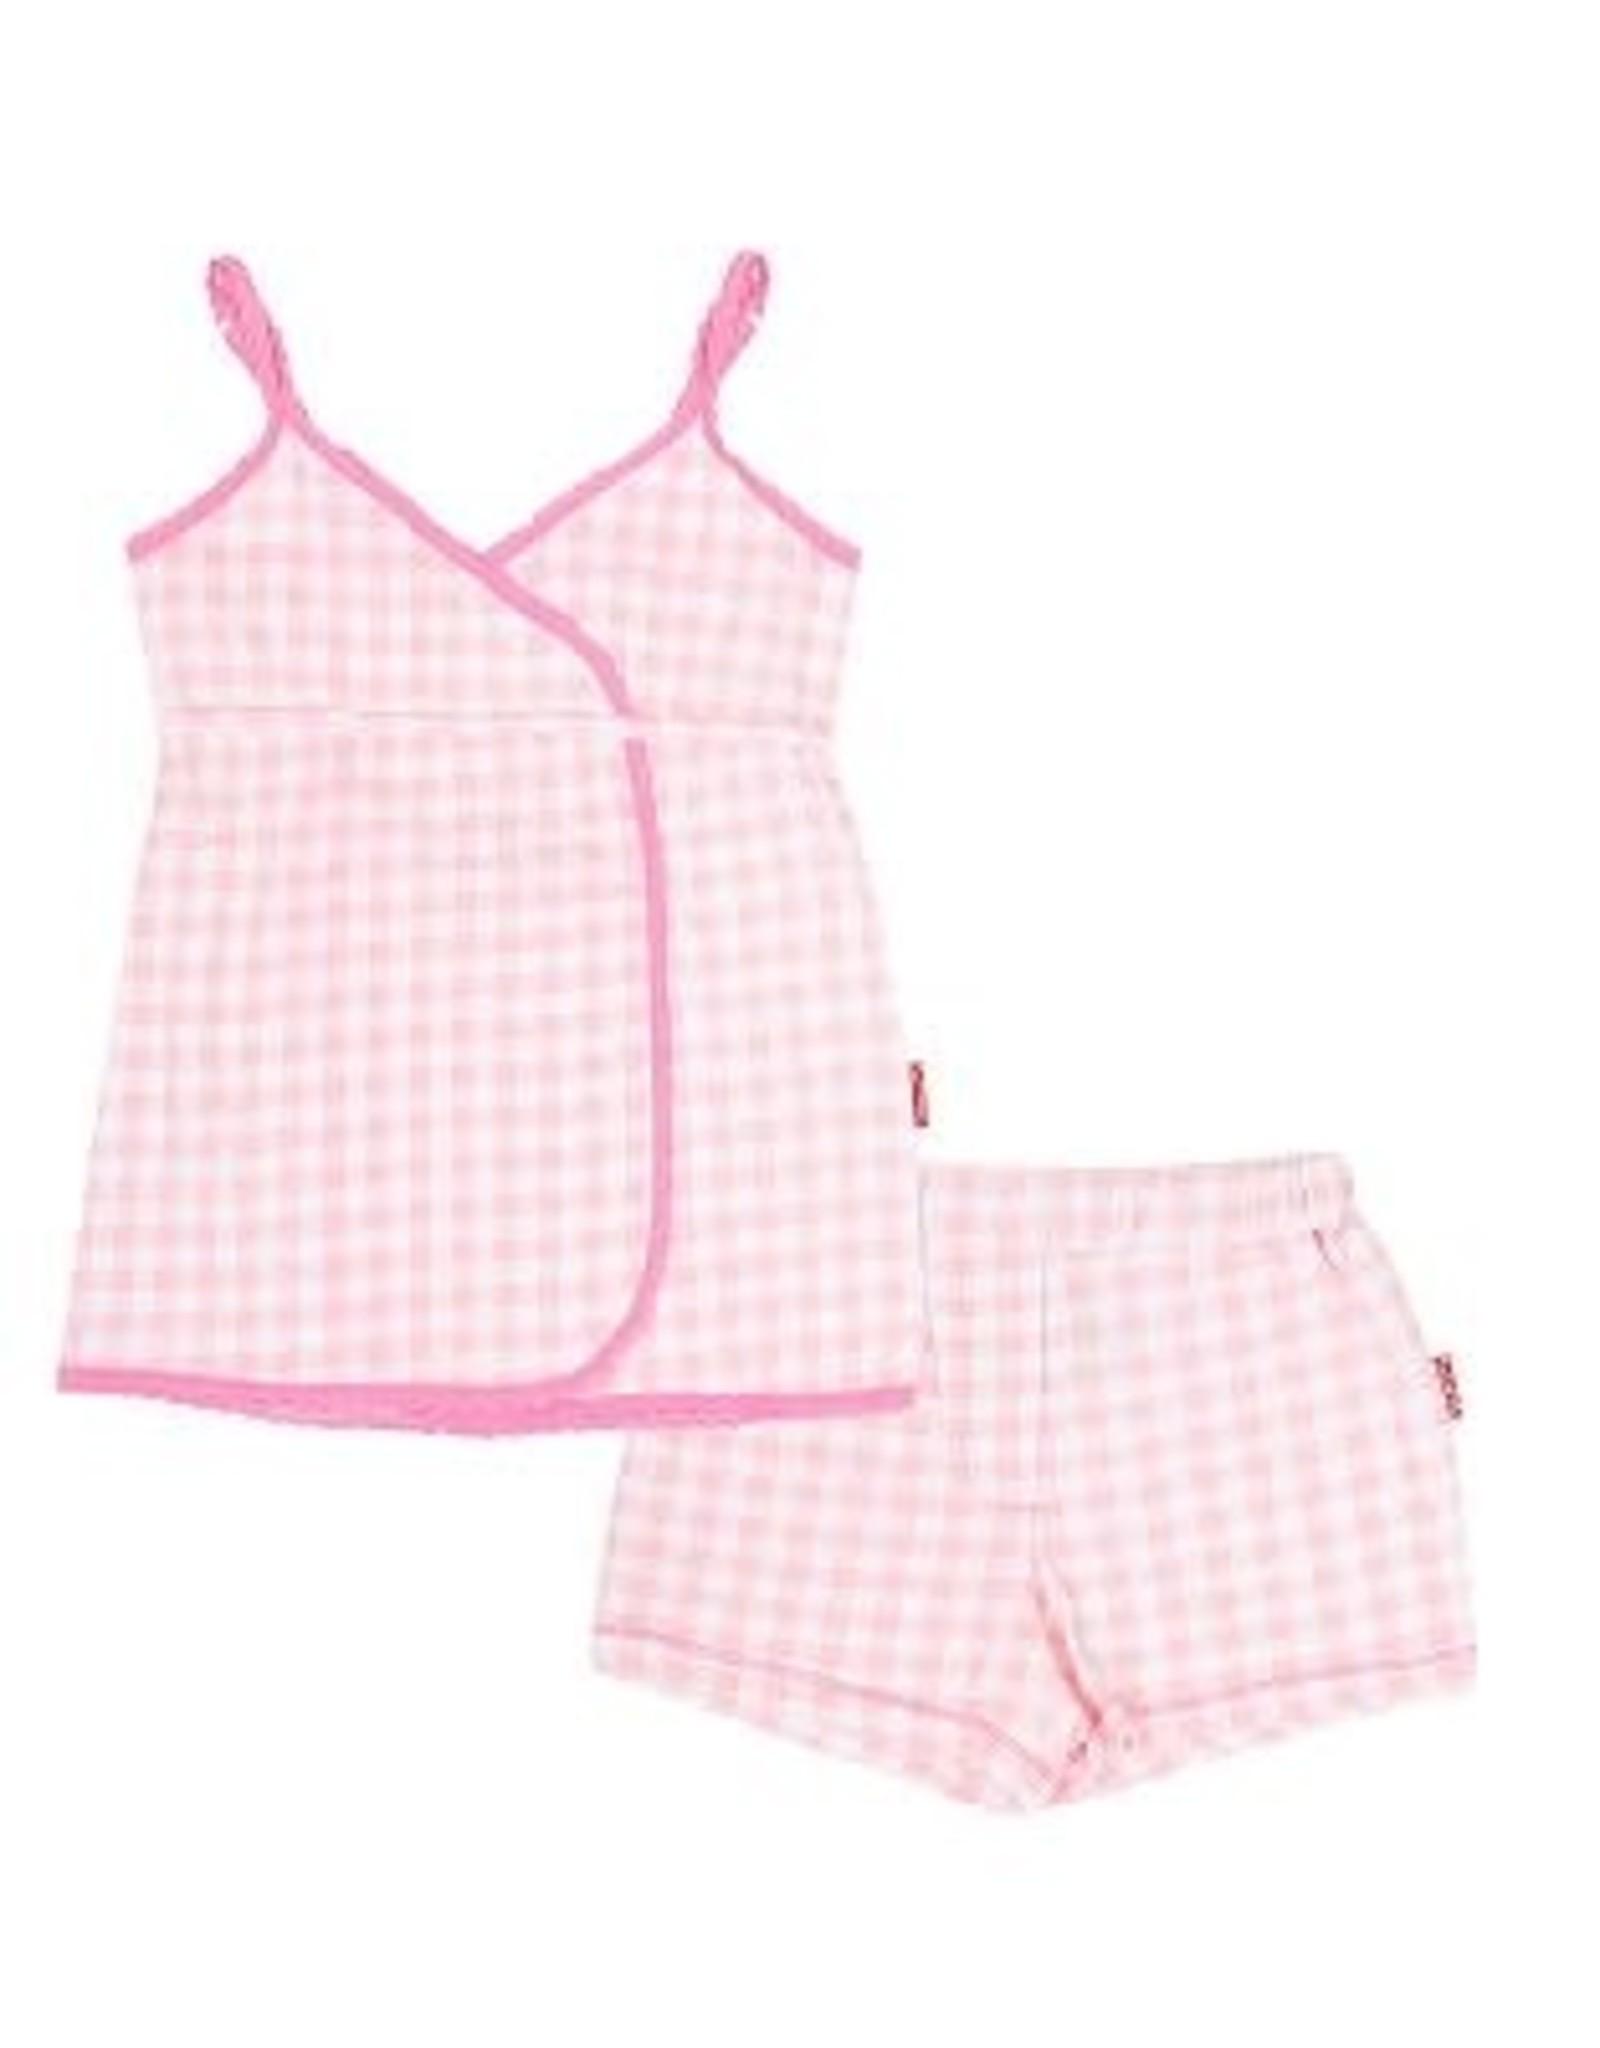 CLAESEN'S CLAESEN'S pyjama pink checks